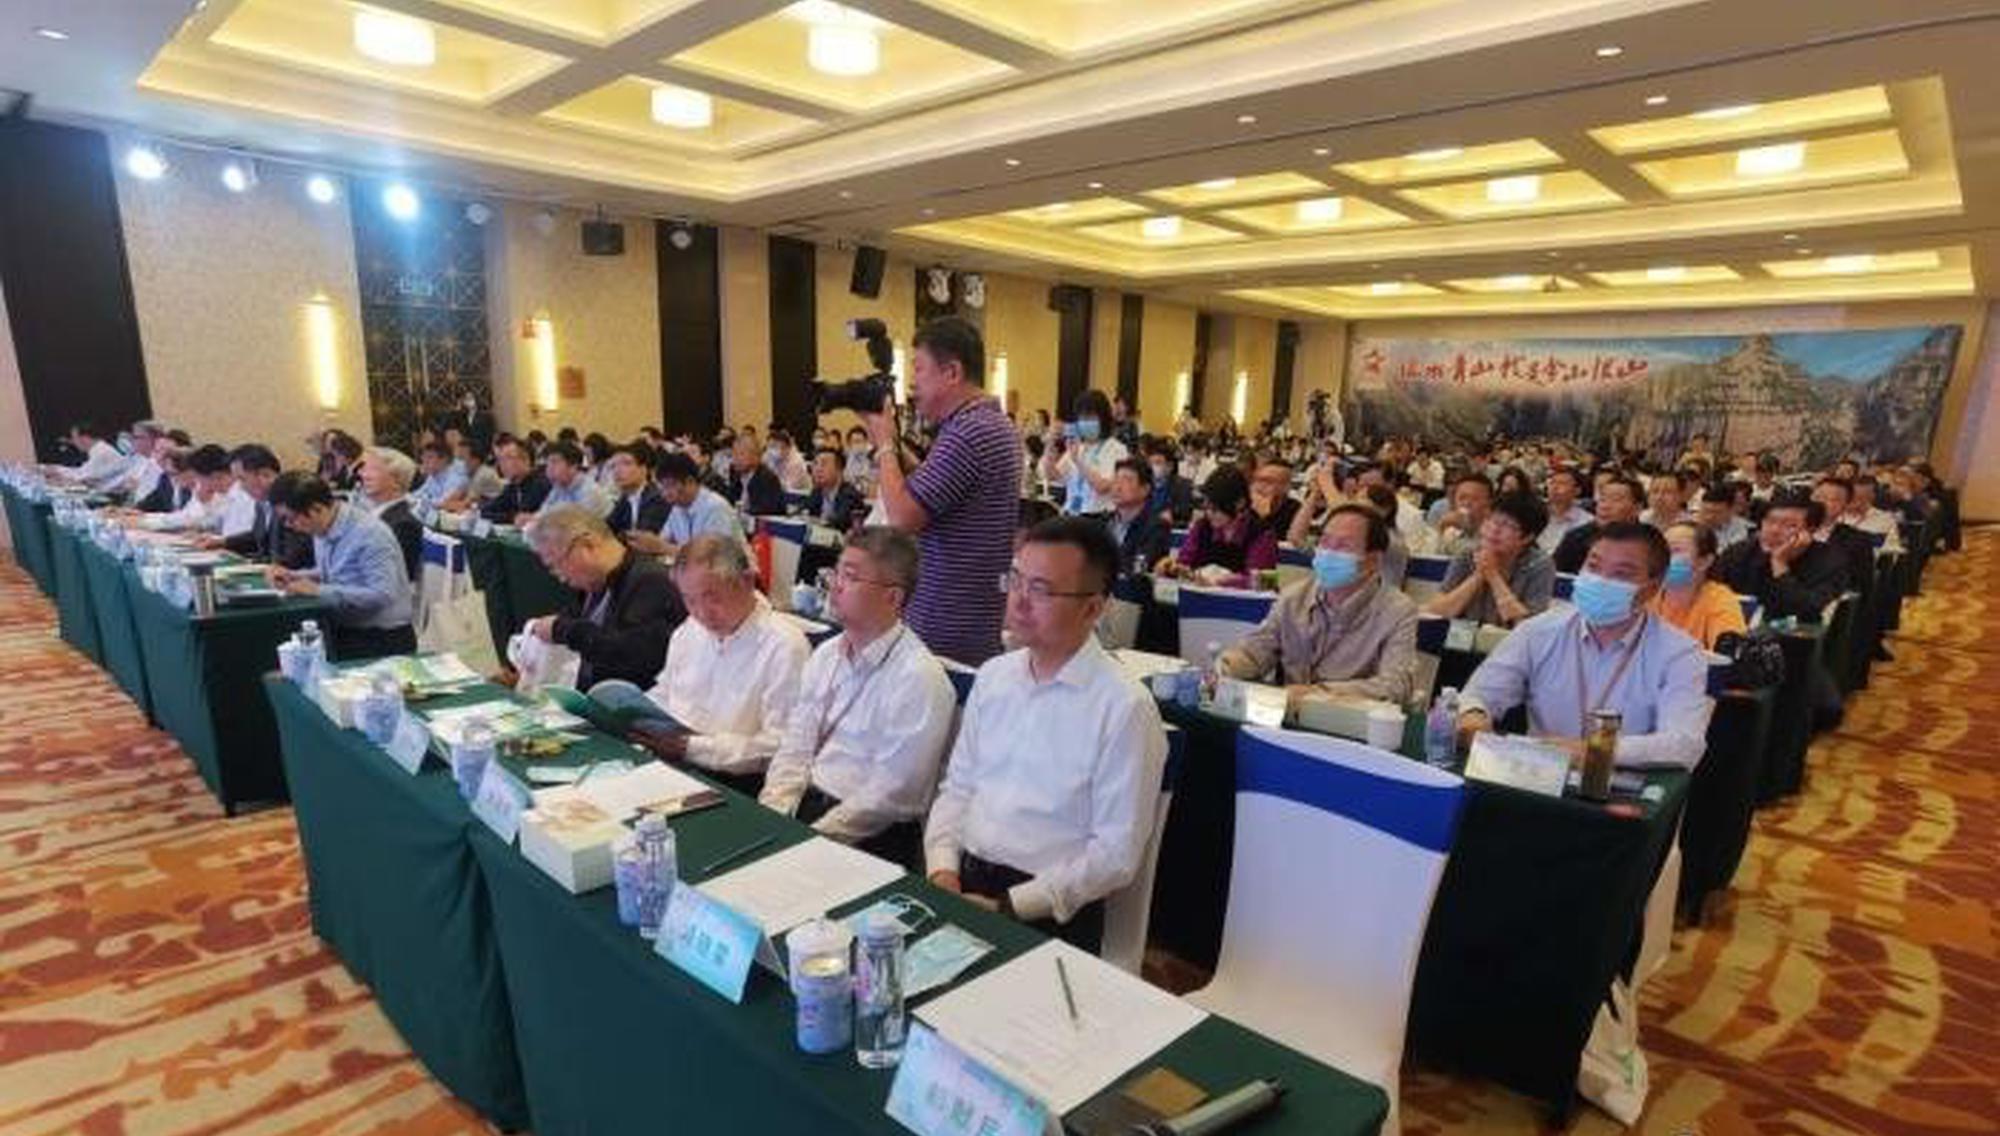 中国专家学者齐聚大同共商有机农业助力生态扶贫